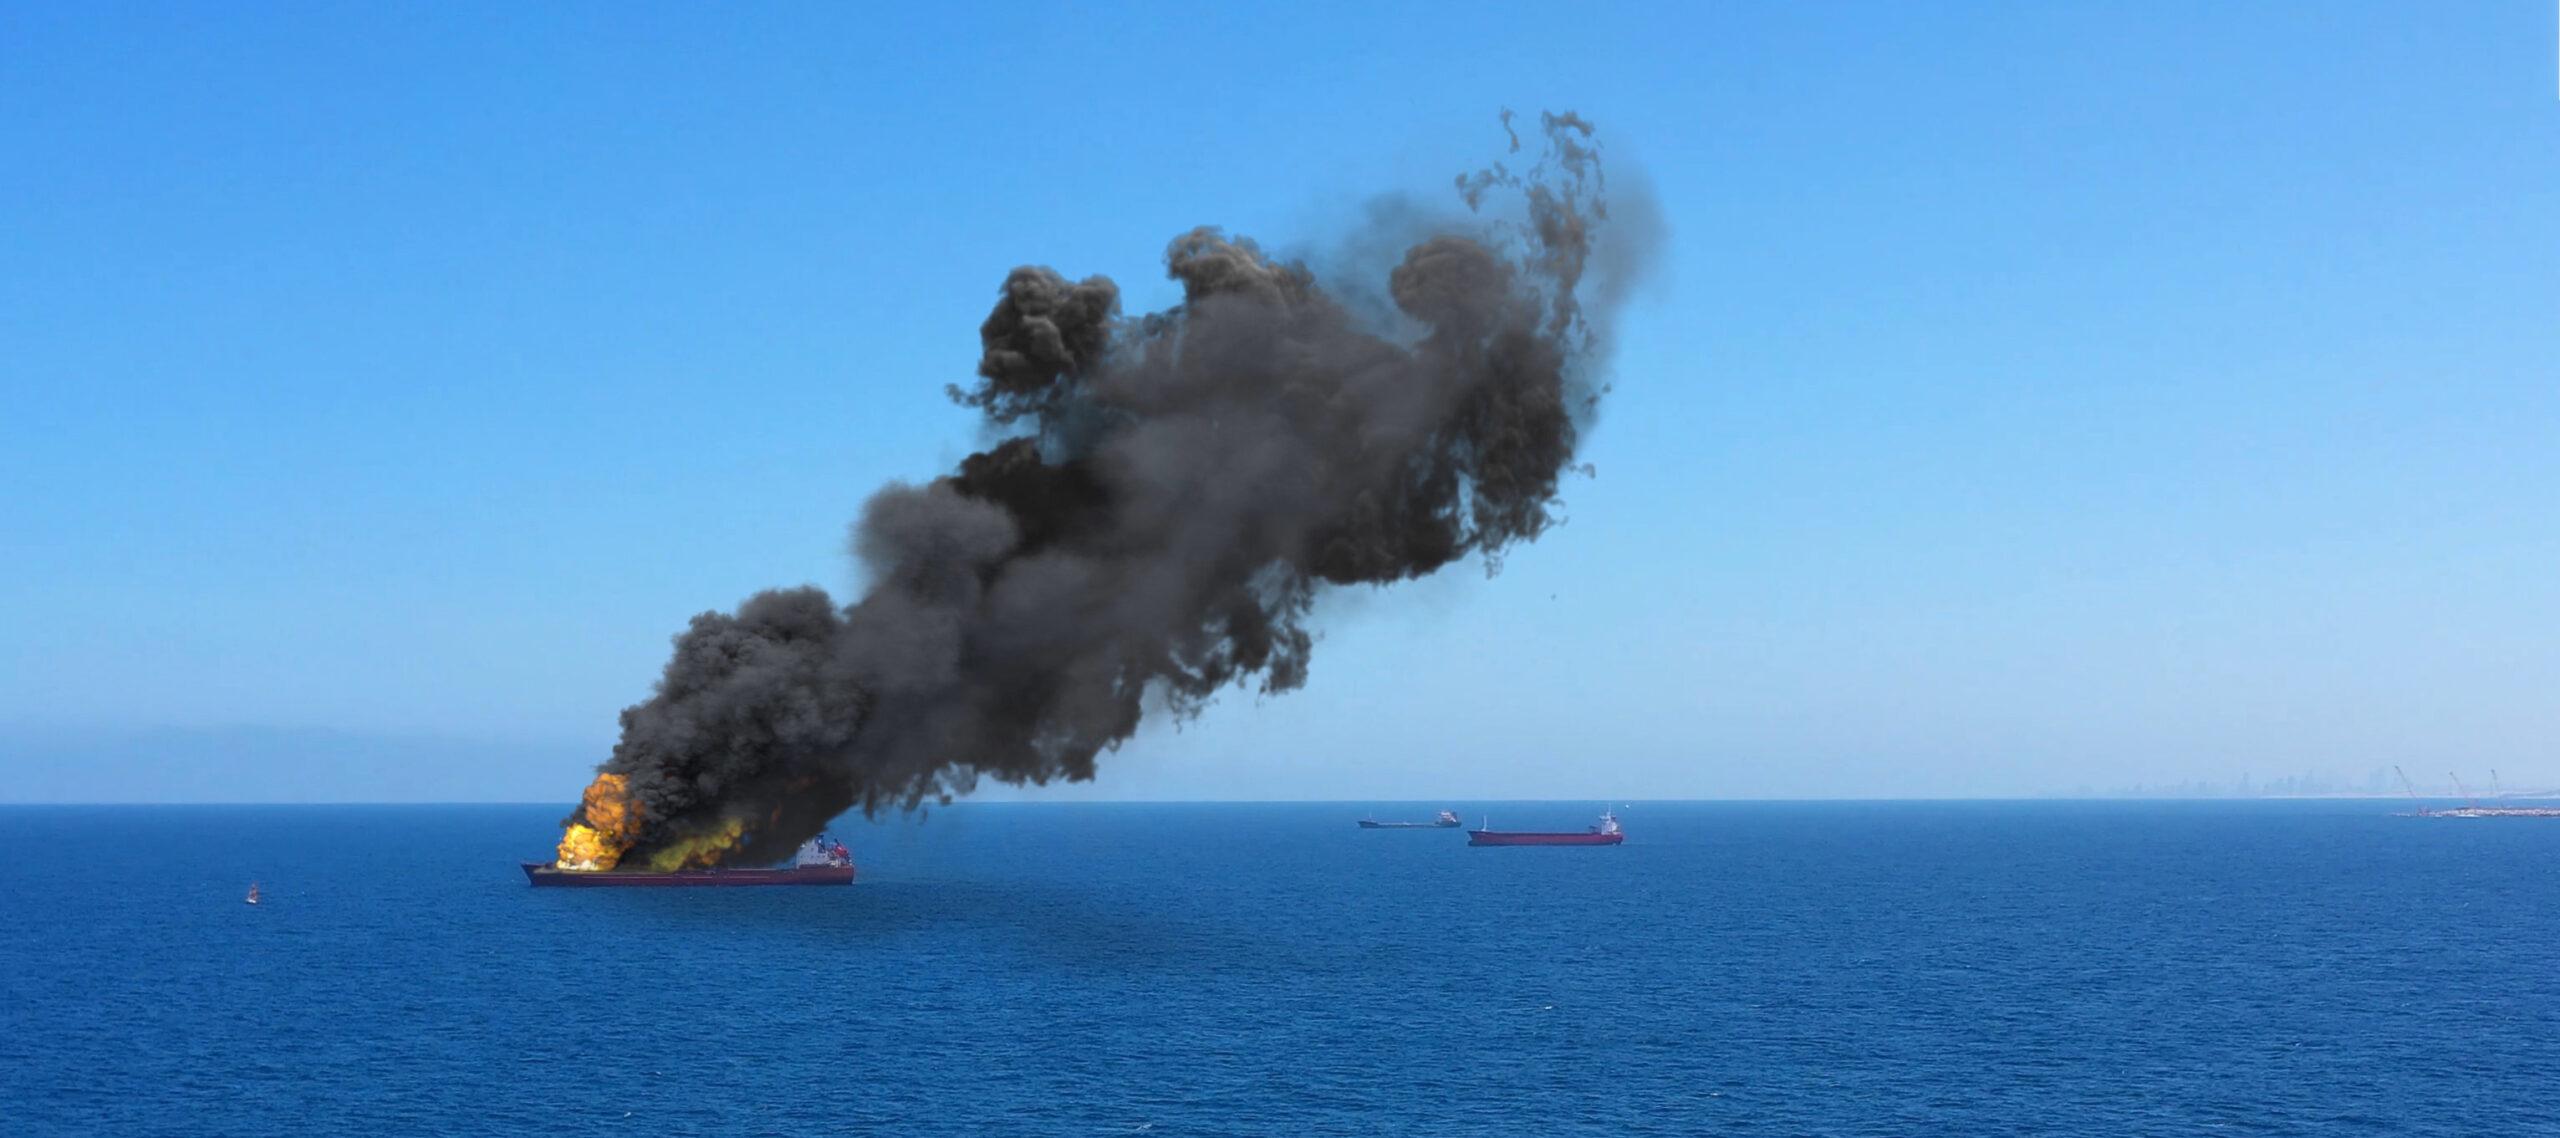 Пожары на корабле часто начинаются с ошибок на берегу